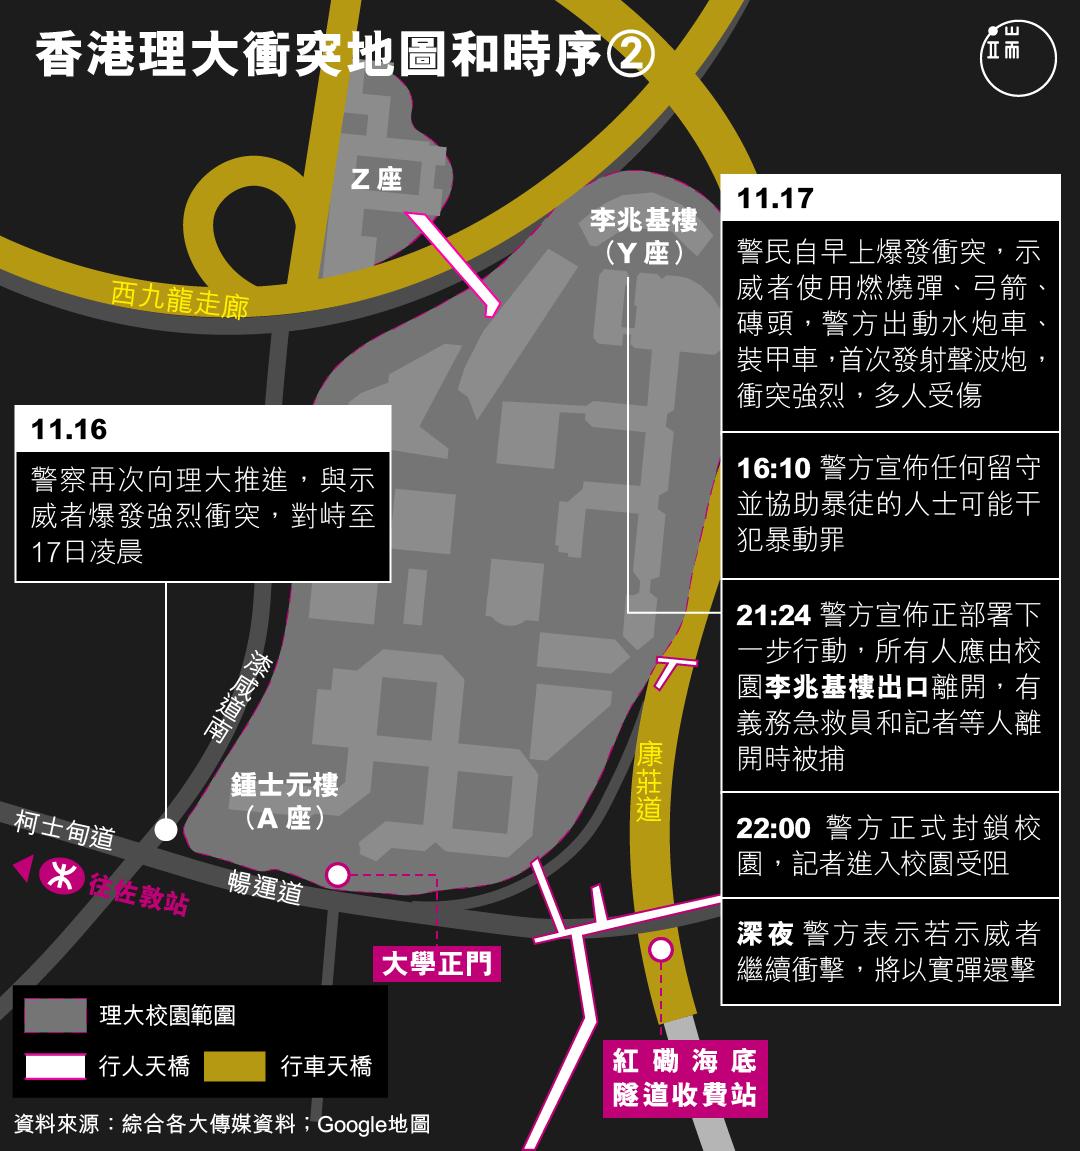 香港理大衝突地圖和時序(2)